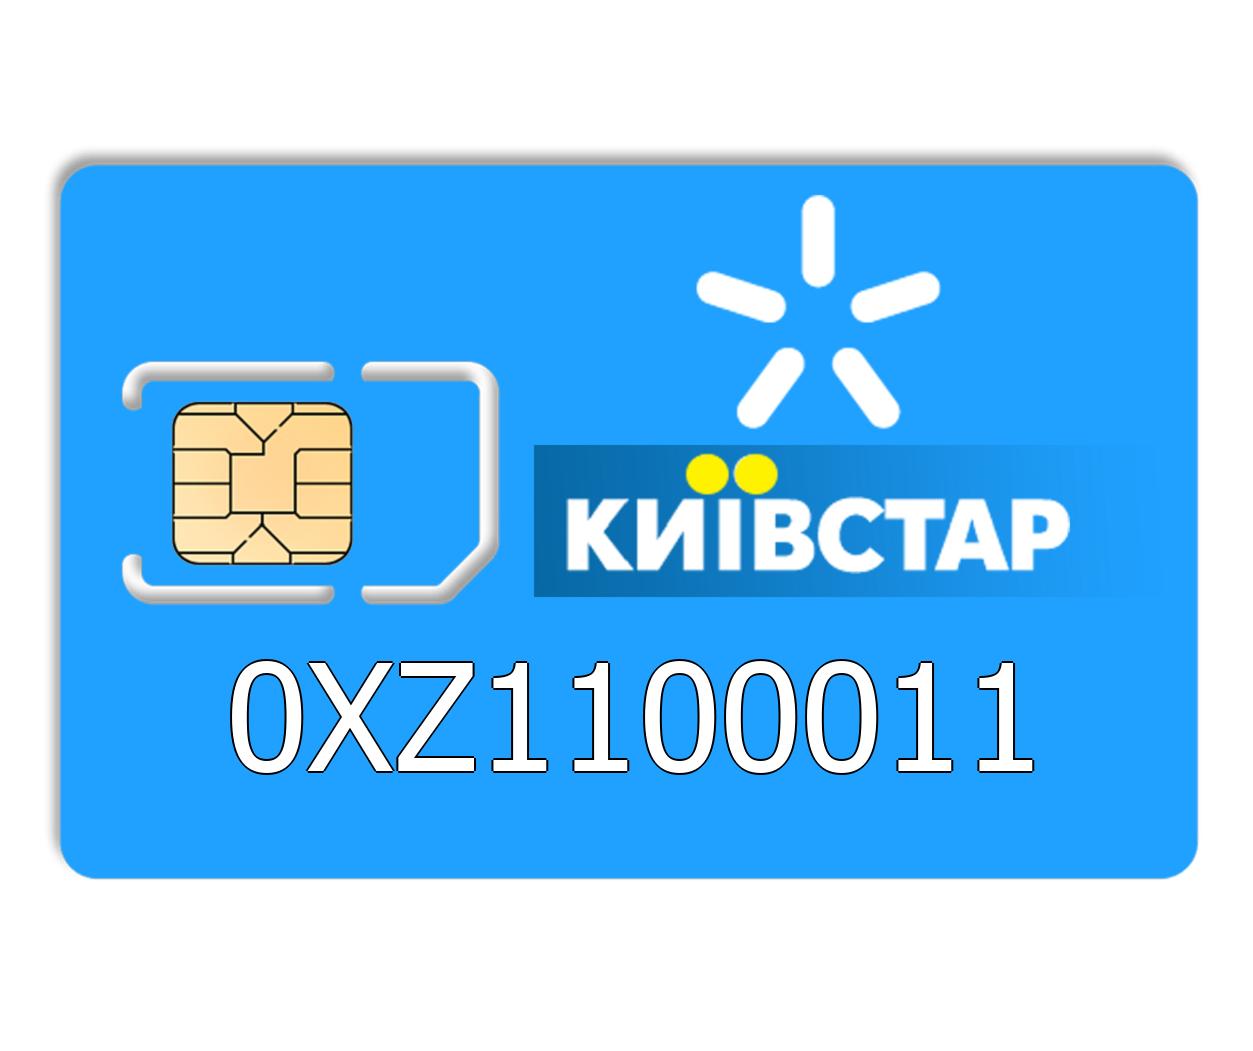 Красивый номер Киевстар 0XZ1100011